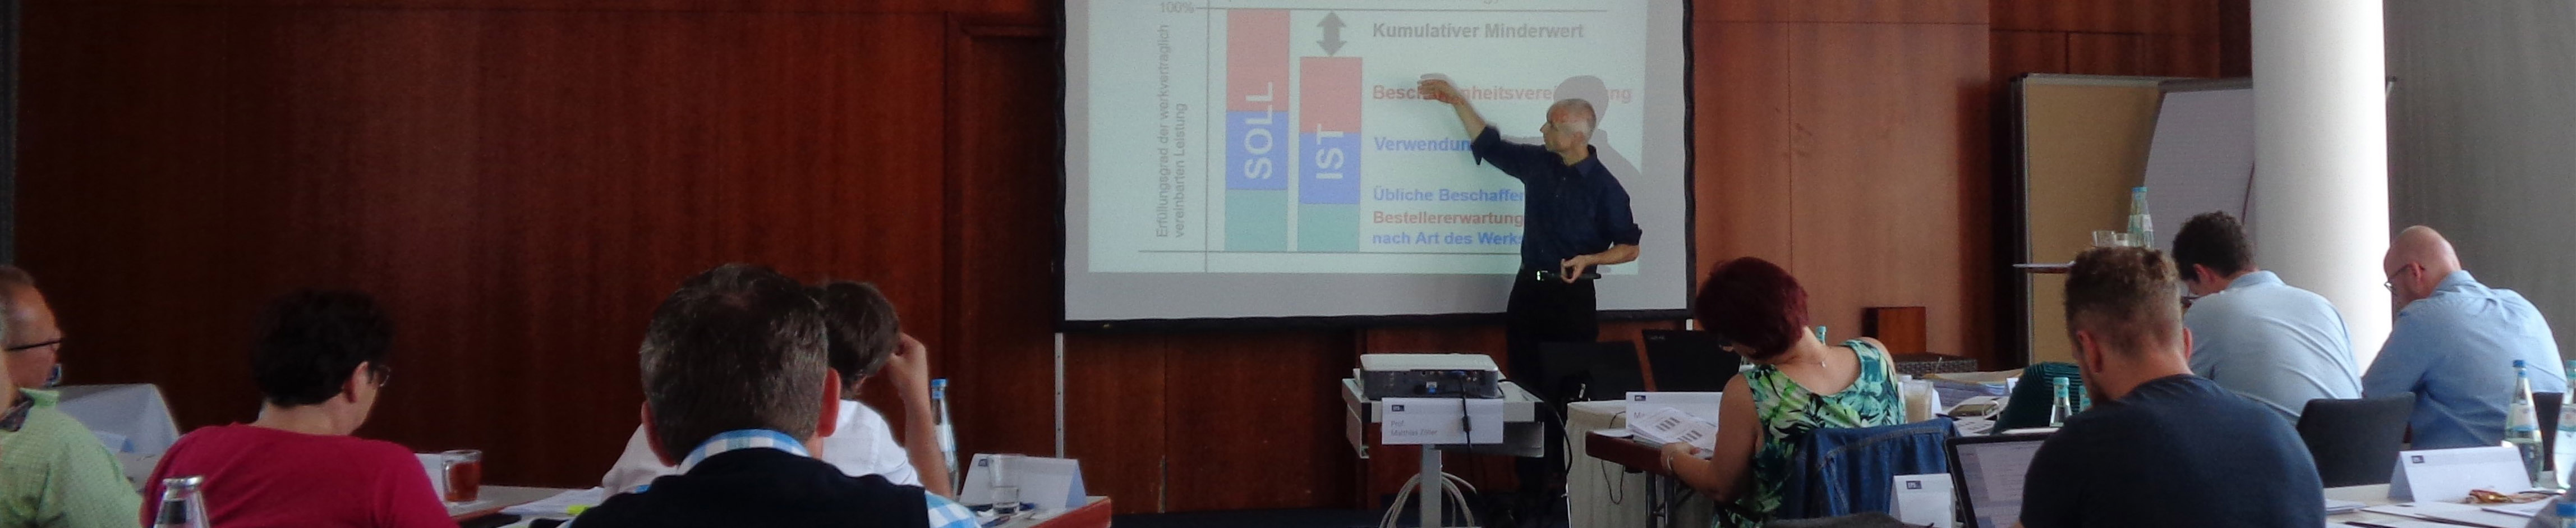 AIBAU - IFS Seminar - Vortrag Matthias Zöller